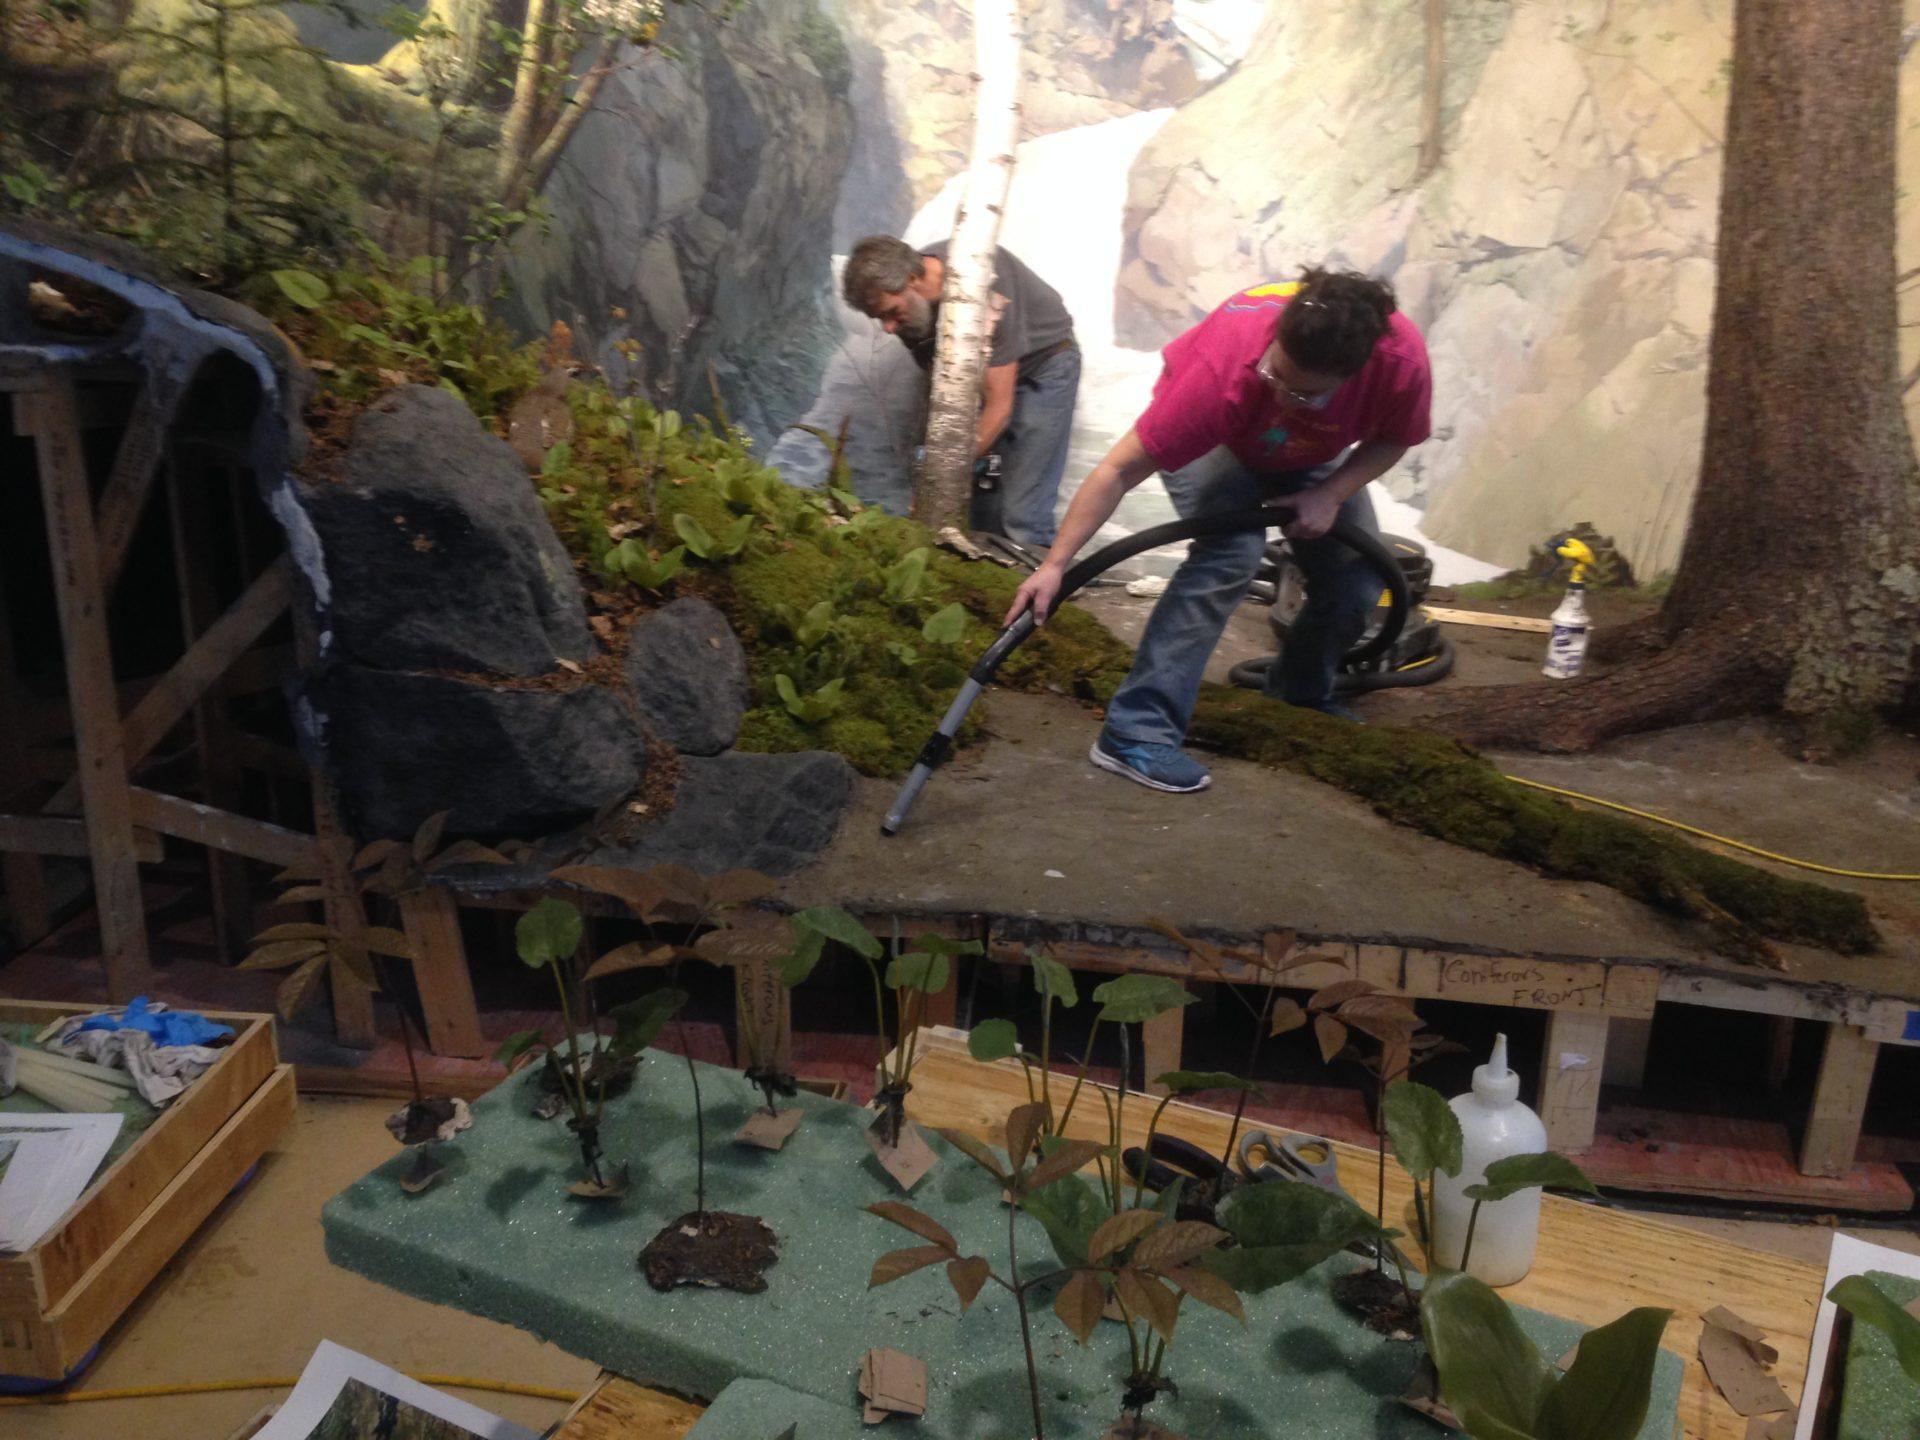 crews carefully deconstruct the diorama